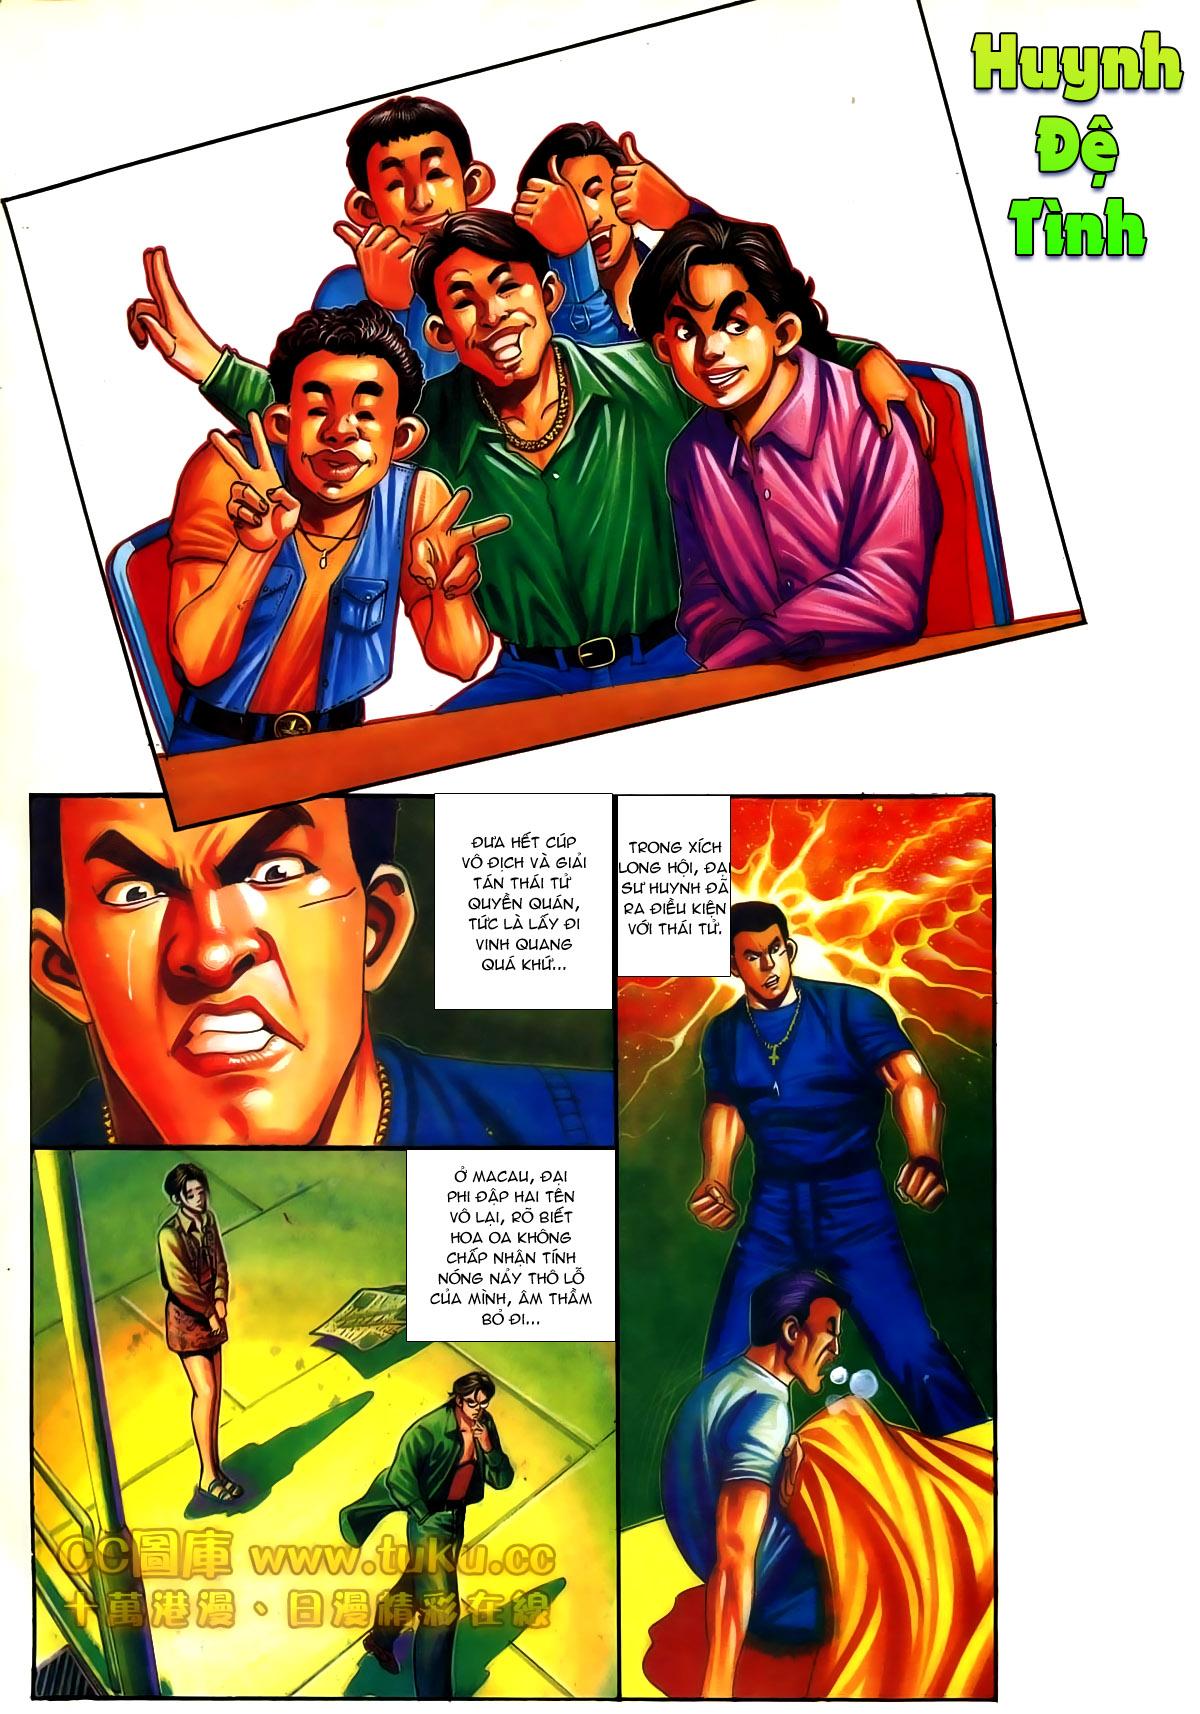 Người Trong Giang Hồ chapter 187: huynh đệ tình trang 2